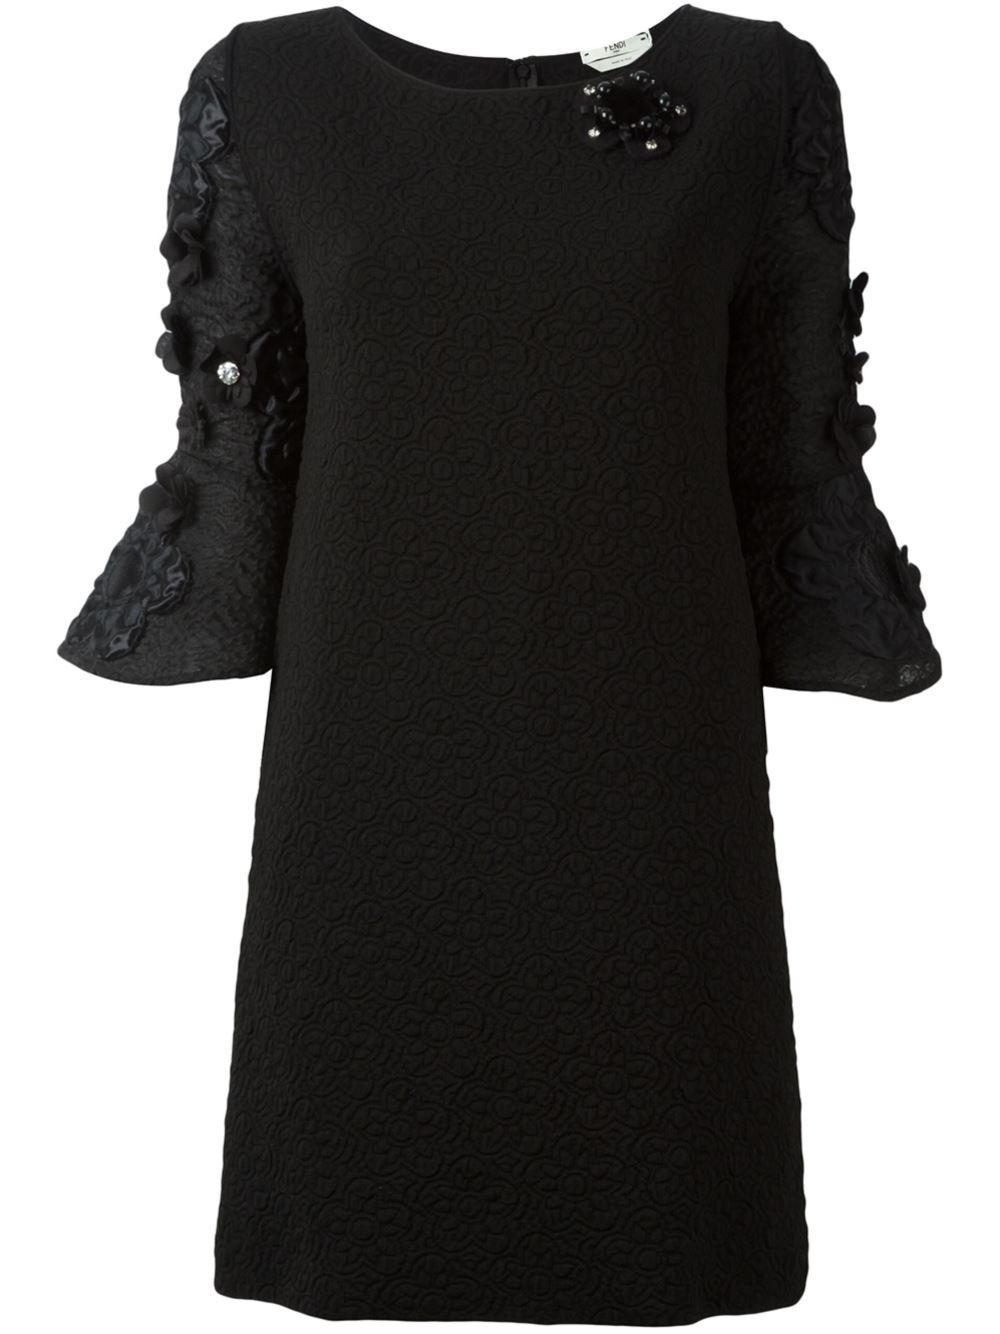 fendi dress.jpg